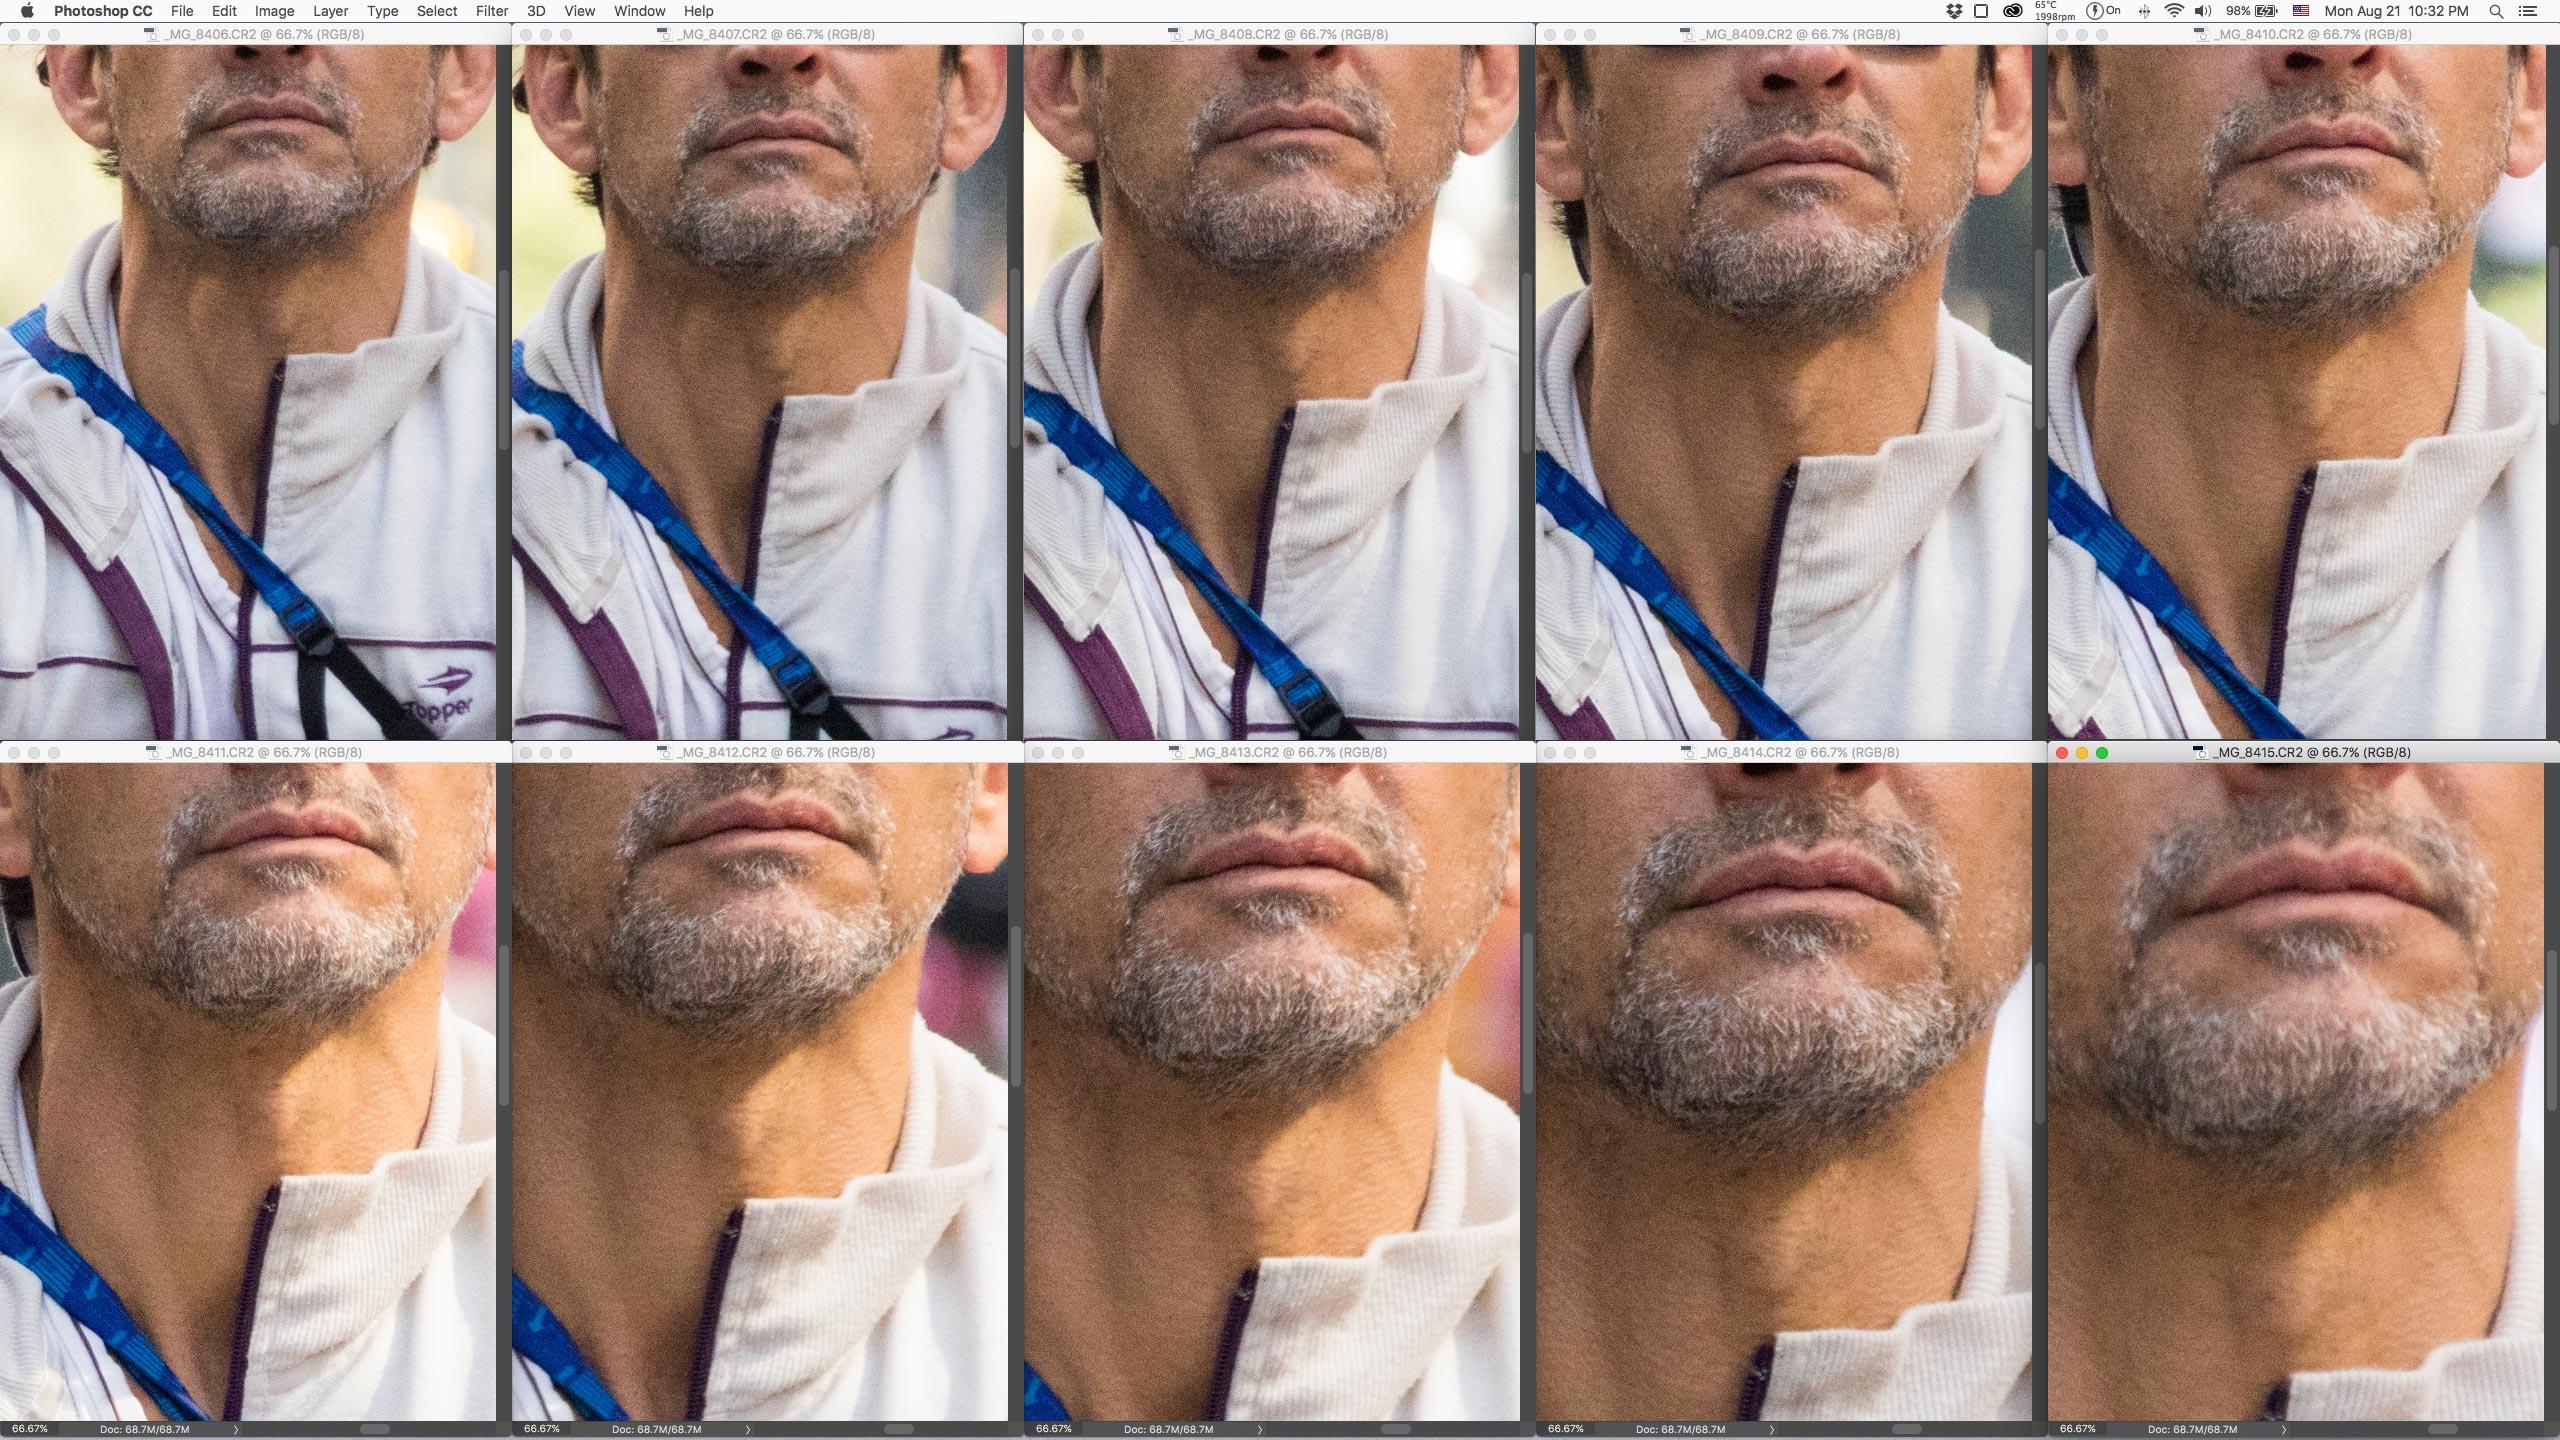 Crop 66%, TODAS as fotos em foco, só não estão mais nítidas por limitação da objetiva. (clique para ver maior)